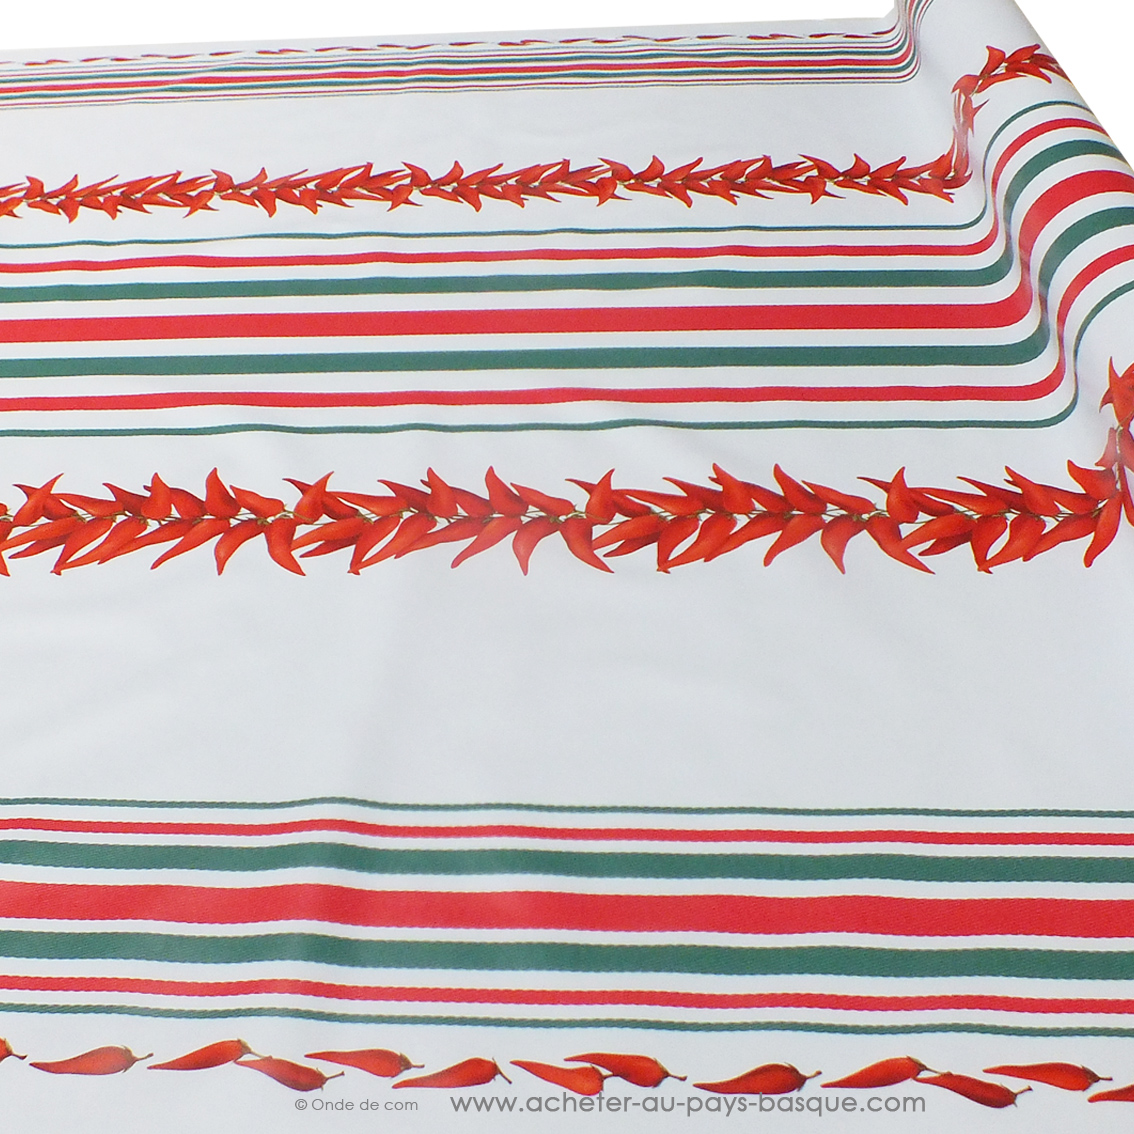 Nappes piments et rayures Basques rouges et vertes